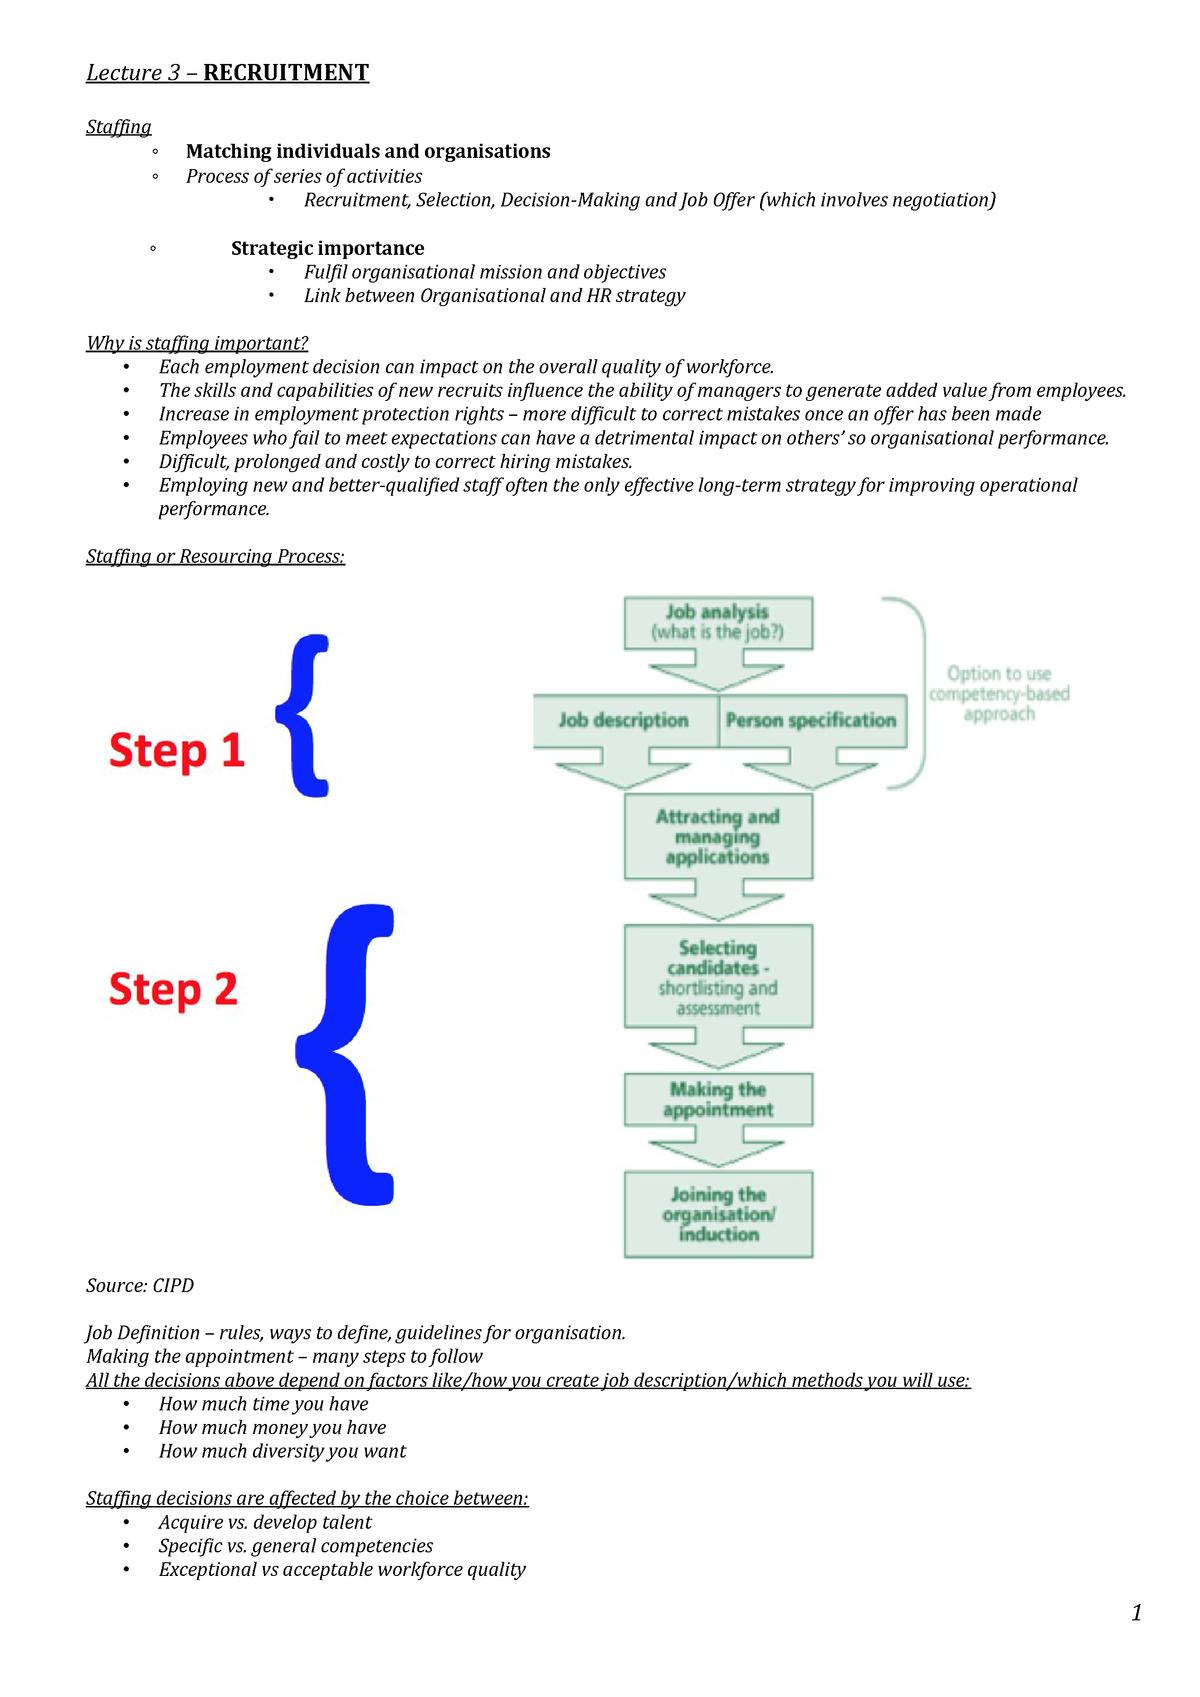 Lecture 3 Recruitment - lec 3 notes - MN20291 - Bath - StuDocu